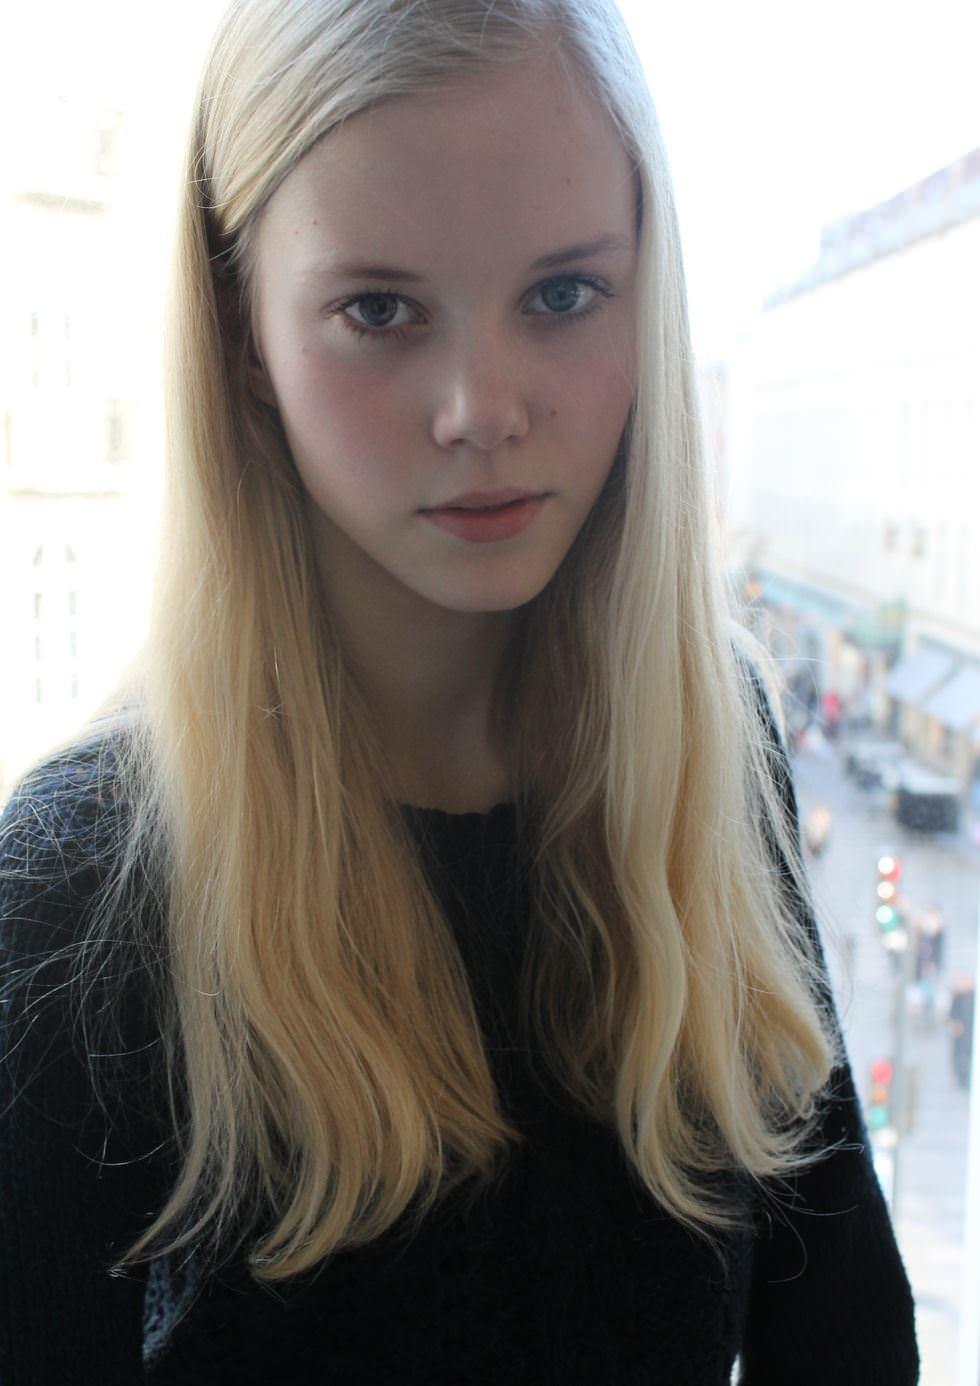 【外人】デンマークの妖精アメリー·シュミット(Amalie Schmidt)が異常な程可愛いポルノ画像 2365